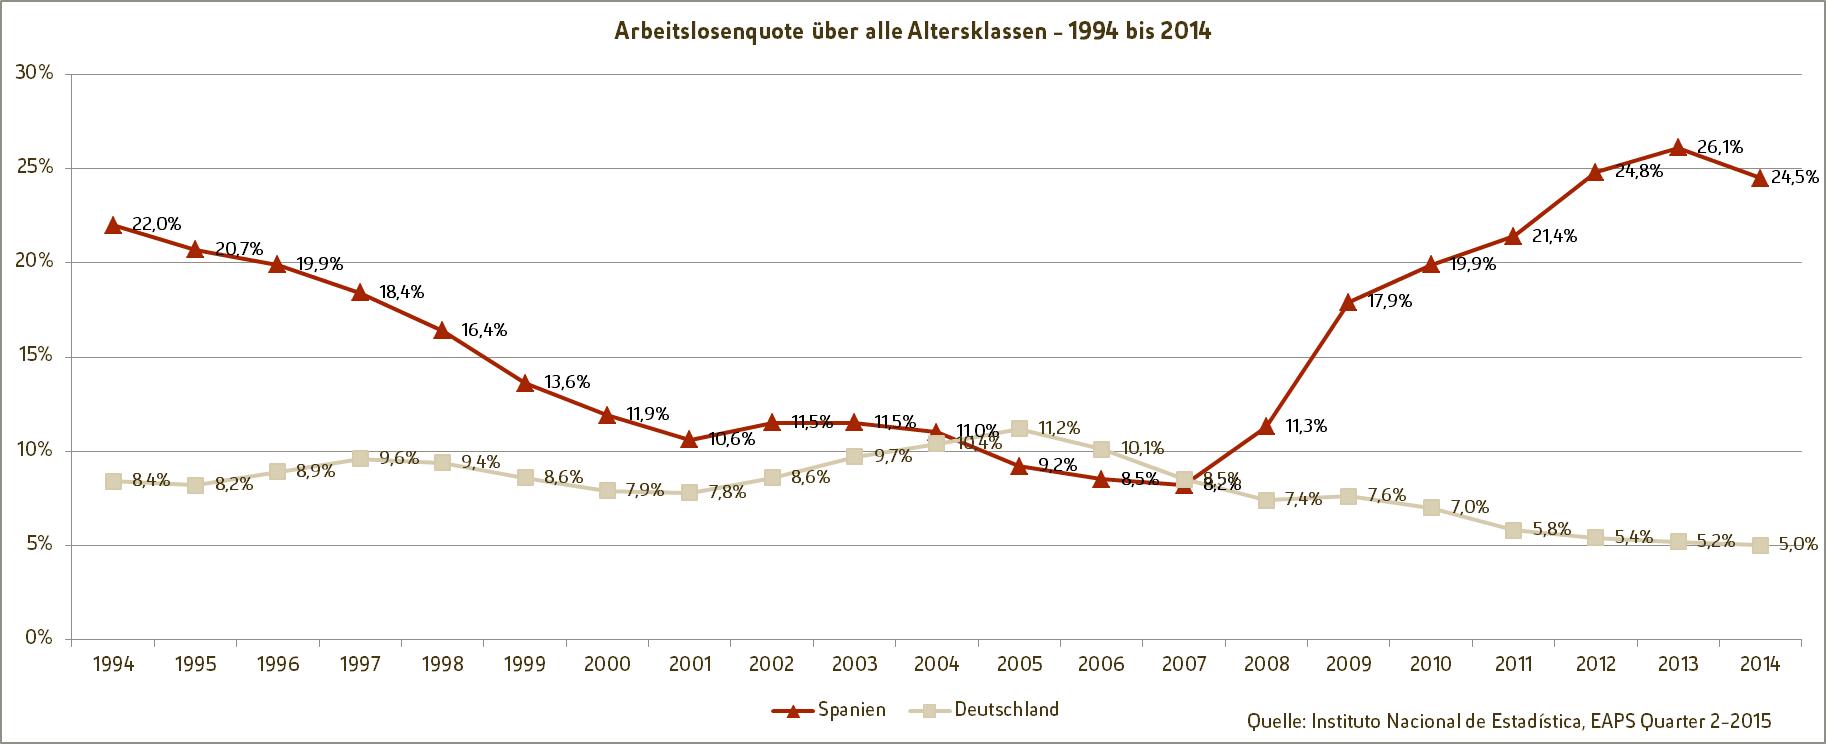 Spanische Fachkräfte - Arbeitslosenquote von 1994 bis 2014 - ESCAMINAL